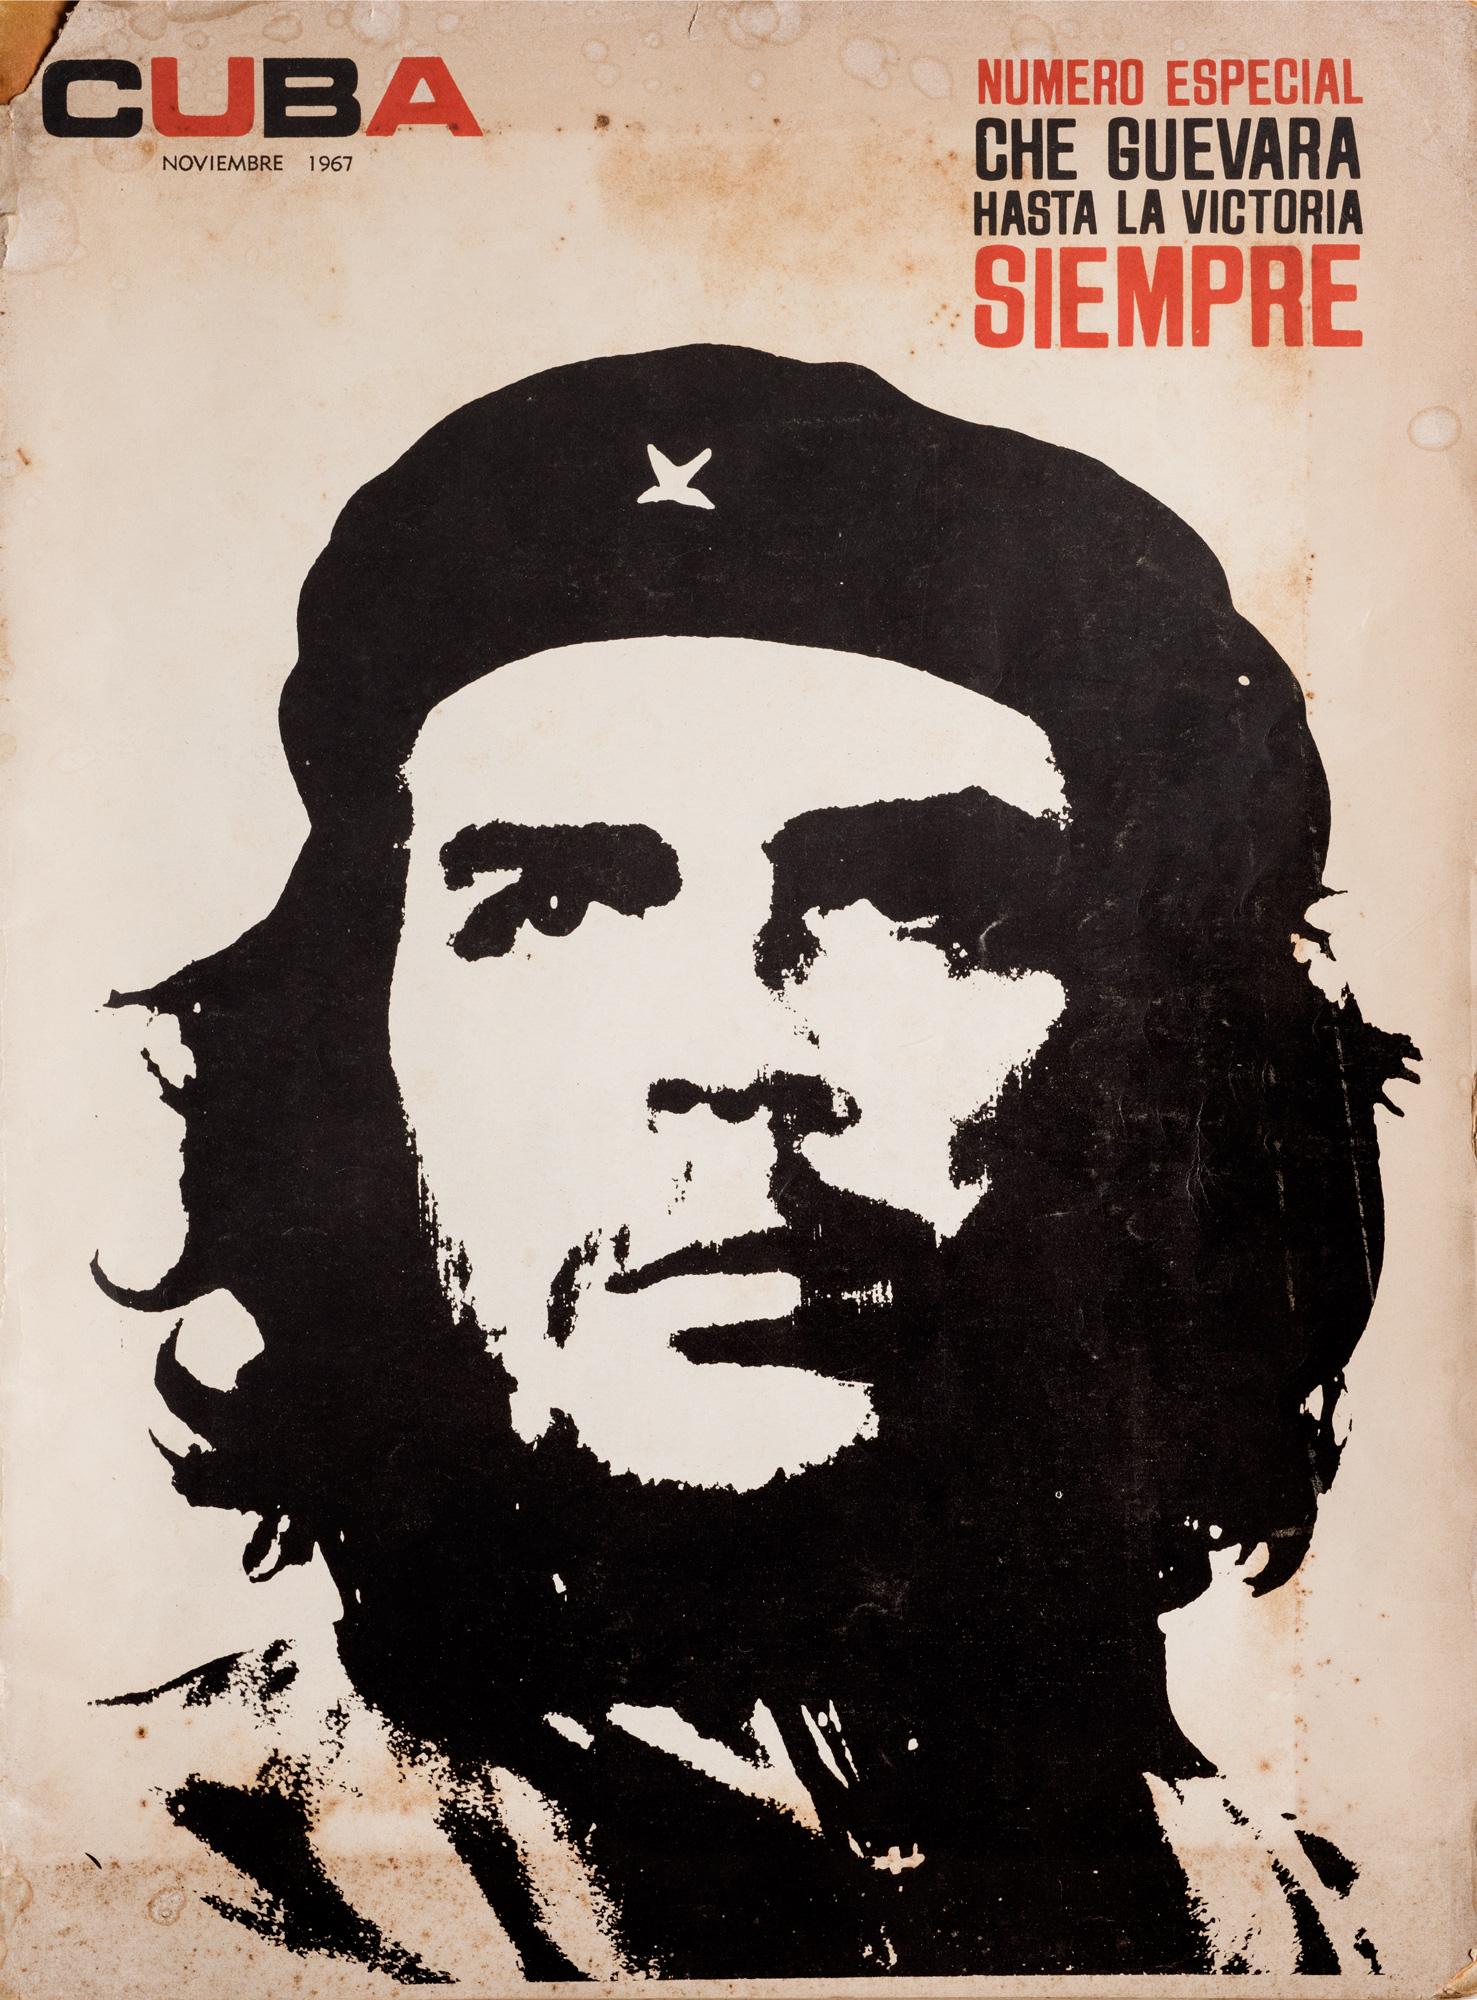 Cuba. Numero especial Che Guevara hasta la victoria siempre